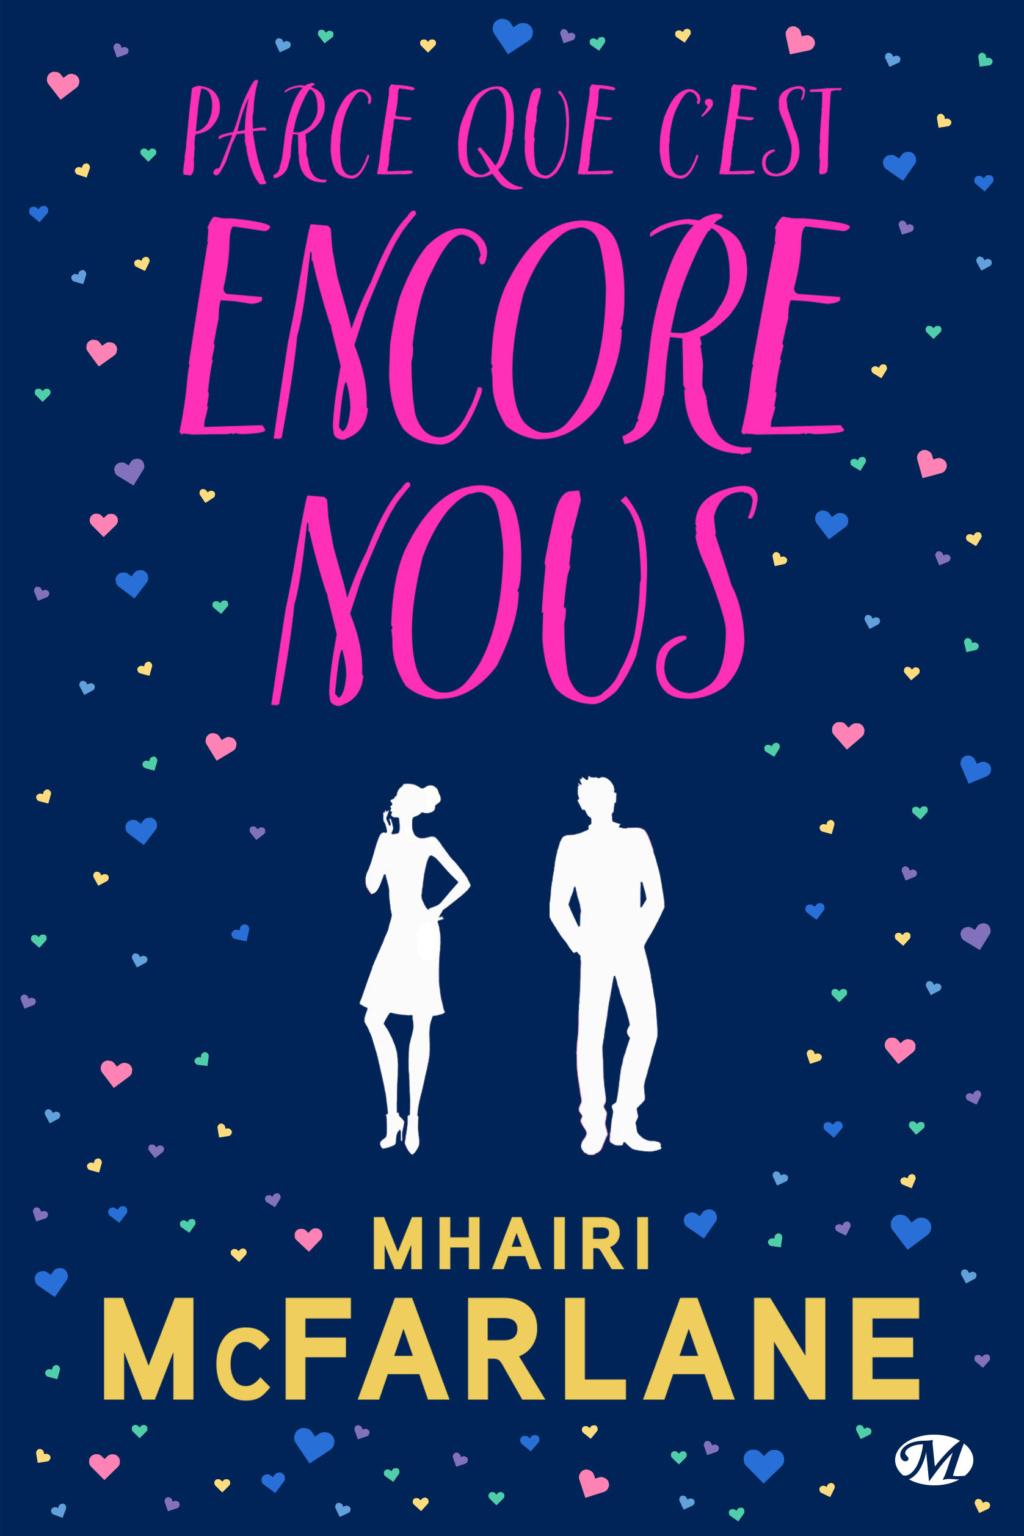 MCFARLANE Mhairi - Parce que c'est encore nous (précédé de Parce que c'etait nous) Parce-10